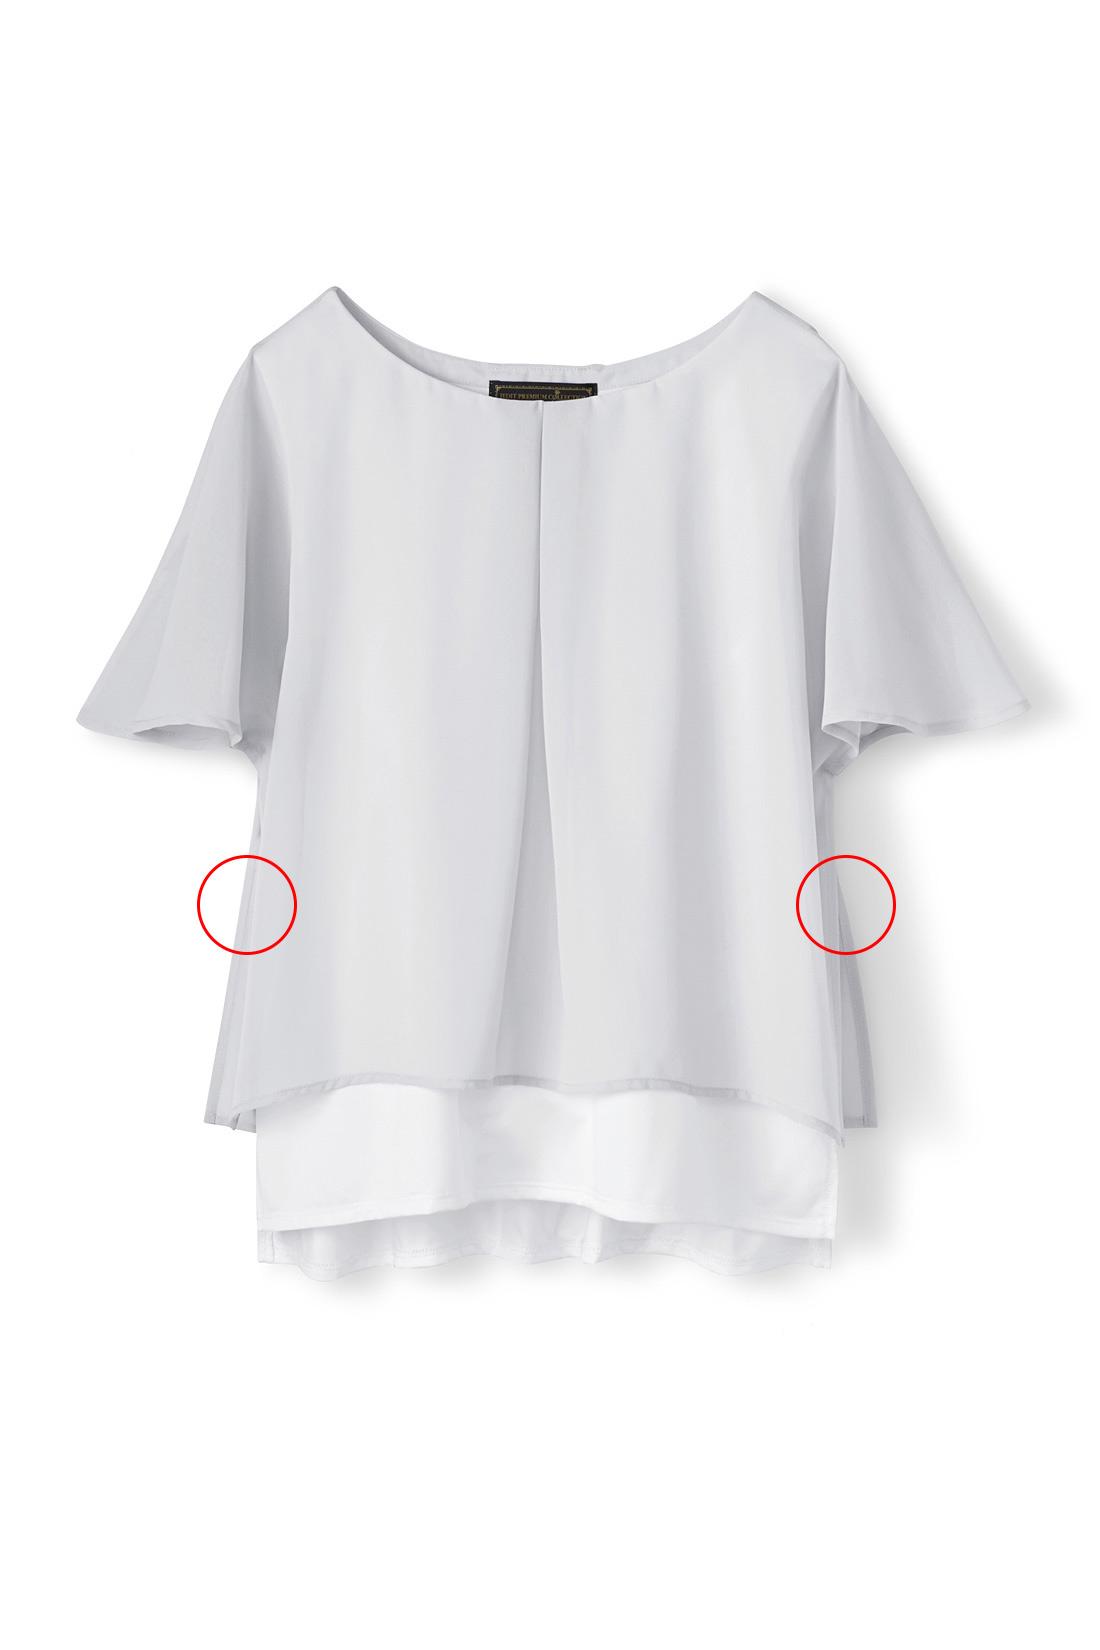 【1】フレアスリーブ 丸印箇所のサイドスナップを留めてフレアスリーブトップスとして。華やかに二の腕を隠してくれるのがうれしいポイントです。